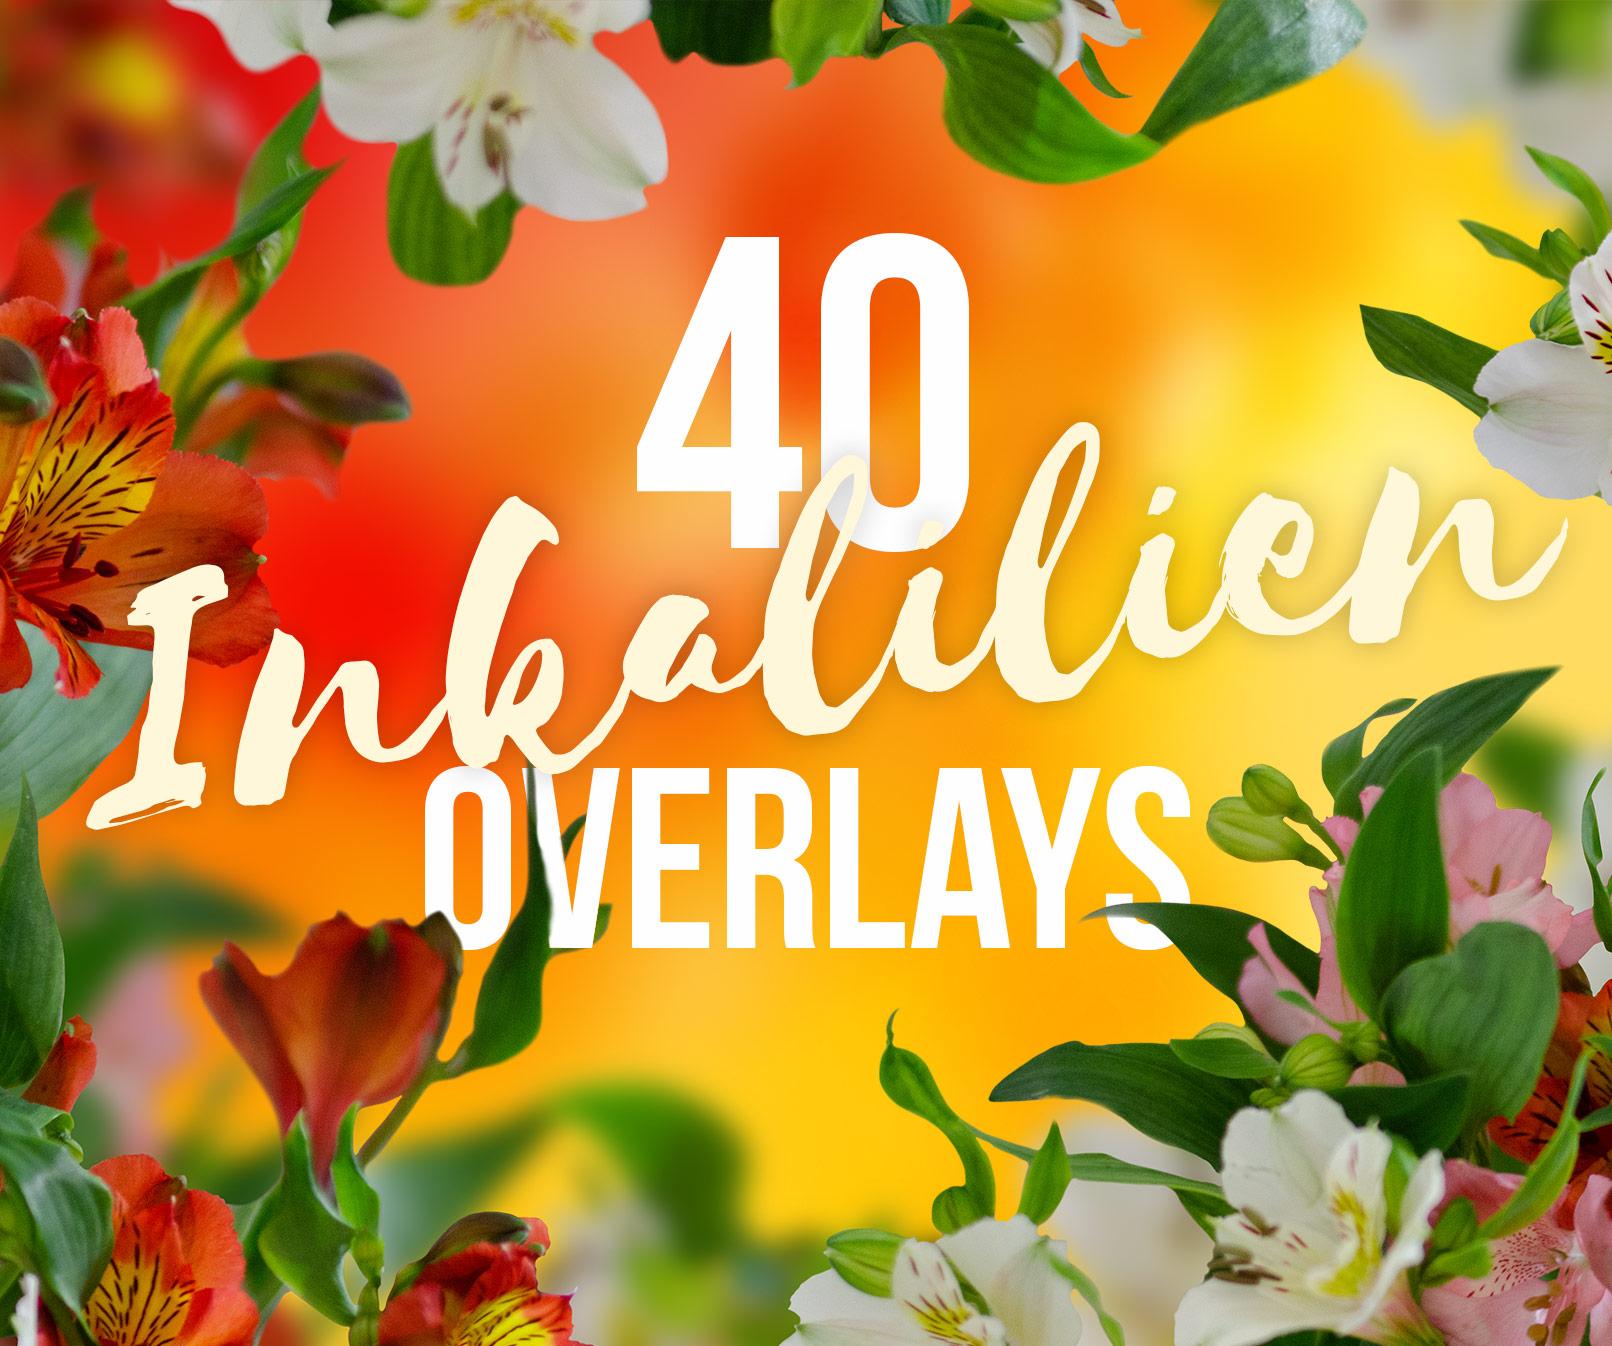 Bilder mit Inkalilien, Astromerien, rosa, weiße und rotgelbe Blüten